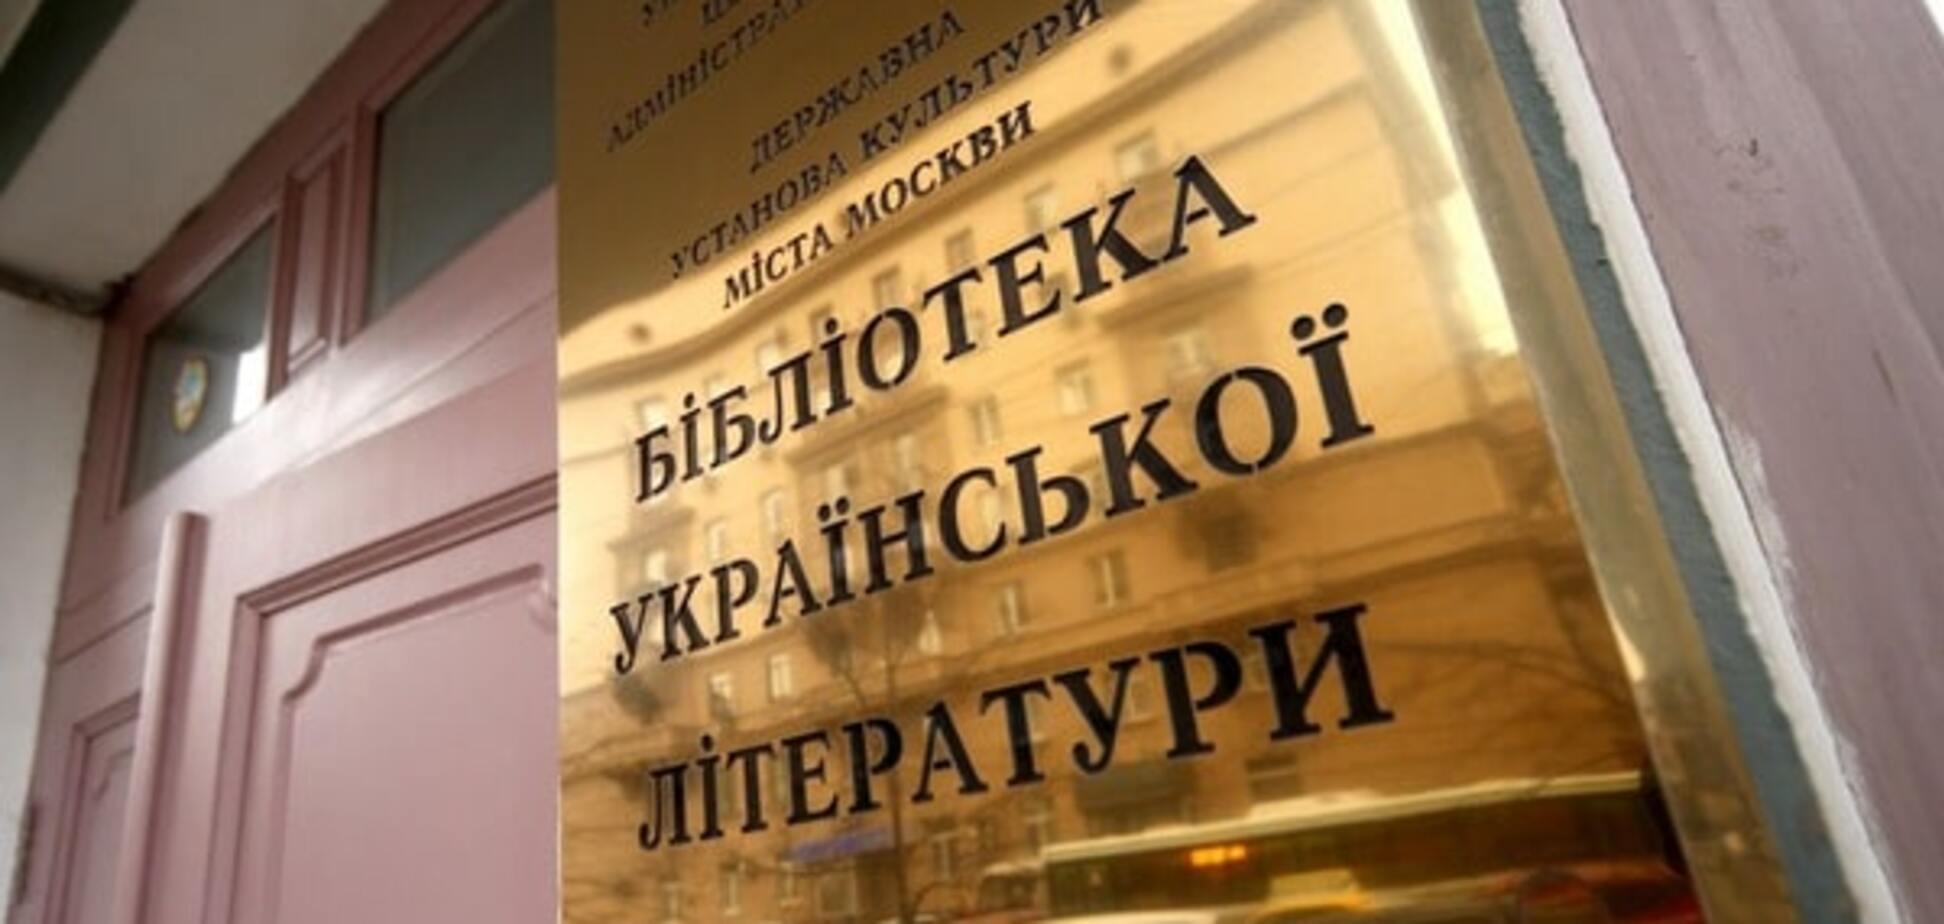 Українську бібліотеку в Москві вирішили 'розчинити' в іноземній літературі